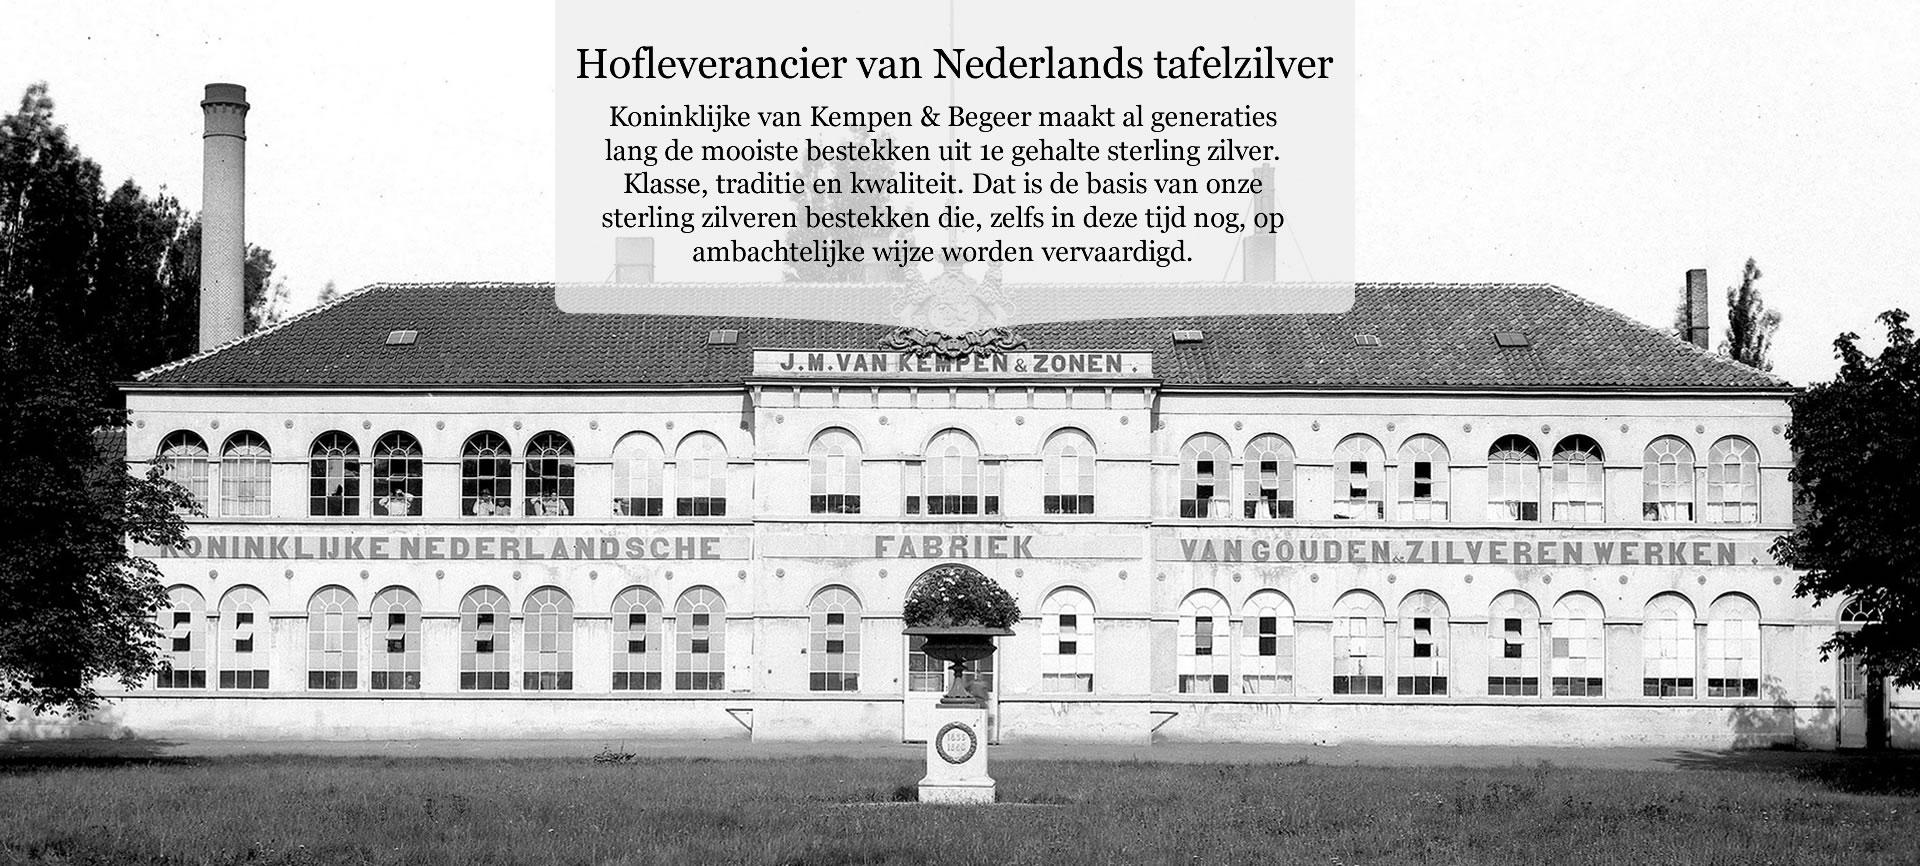 De zilverfabriek van de Koninklijke van Kempen en Begeer